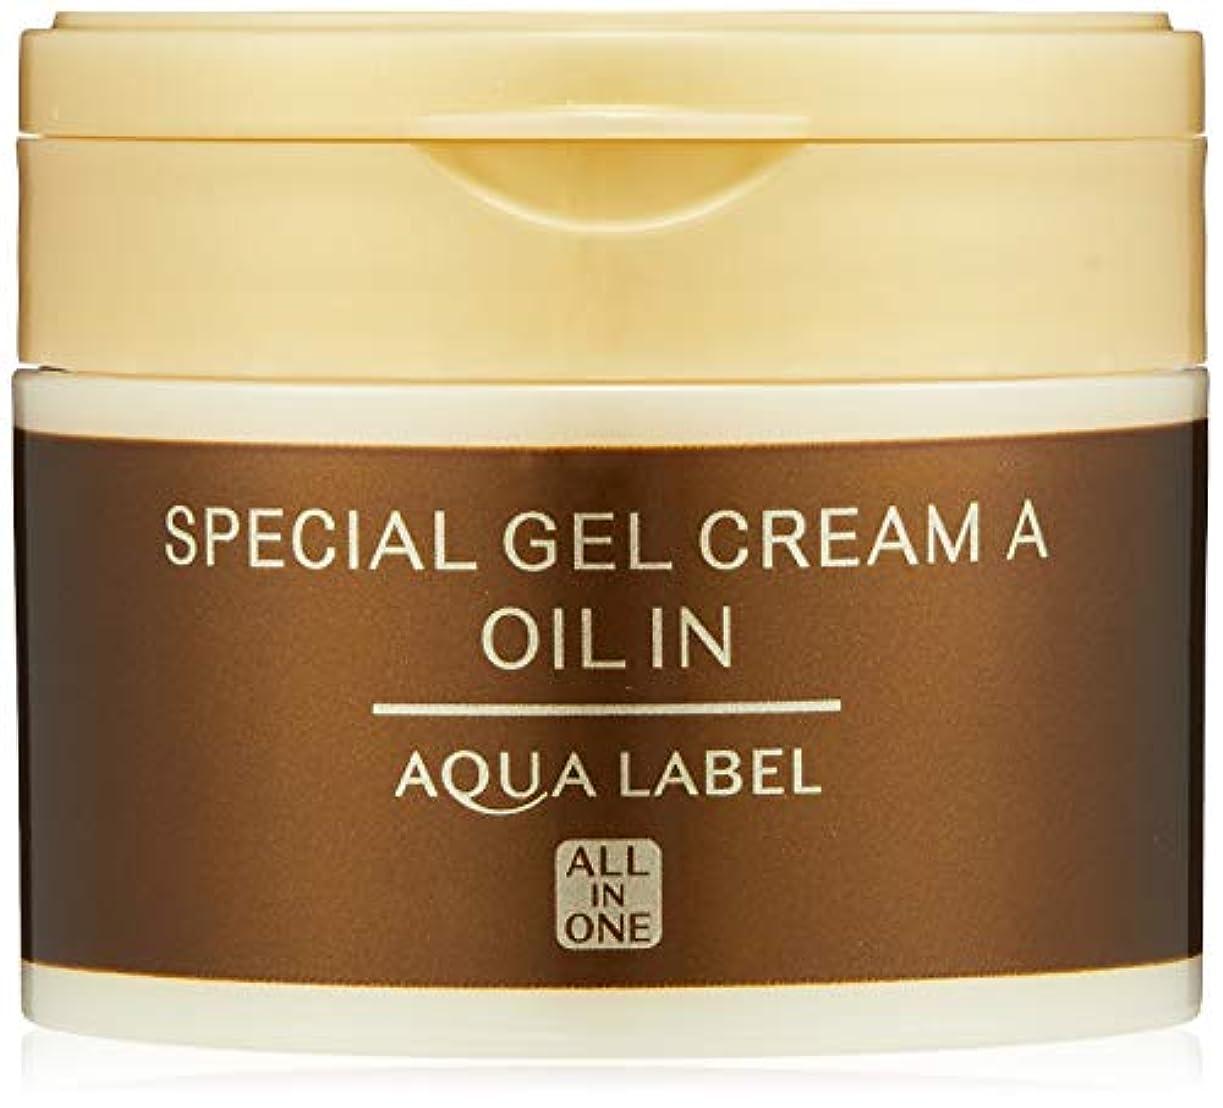 よろしく天井交渉するAQUALABEL(アクアレーベル) アクアレーベル スペシャルジェルクリームA (オイルイン) ハーバルローズの優しい香り 単品 90g